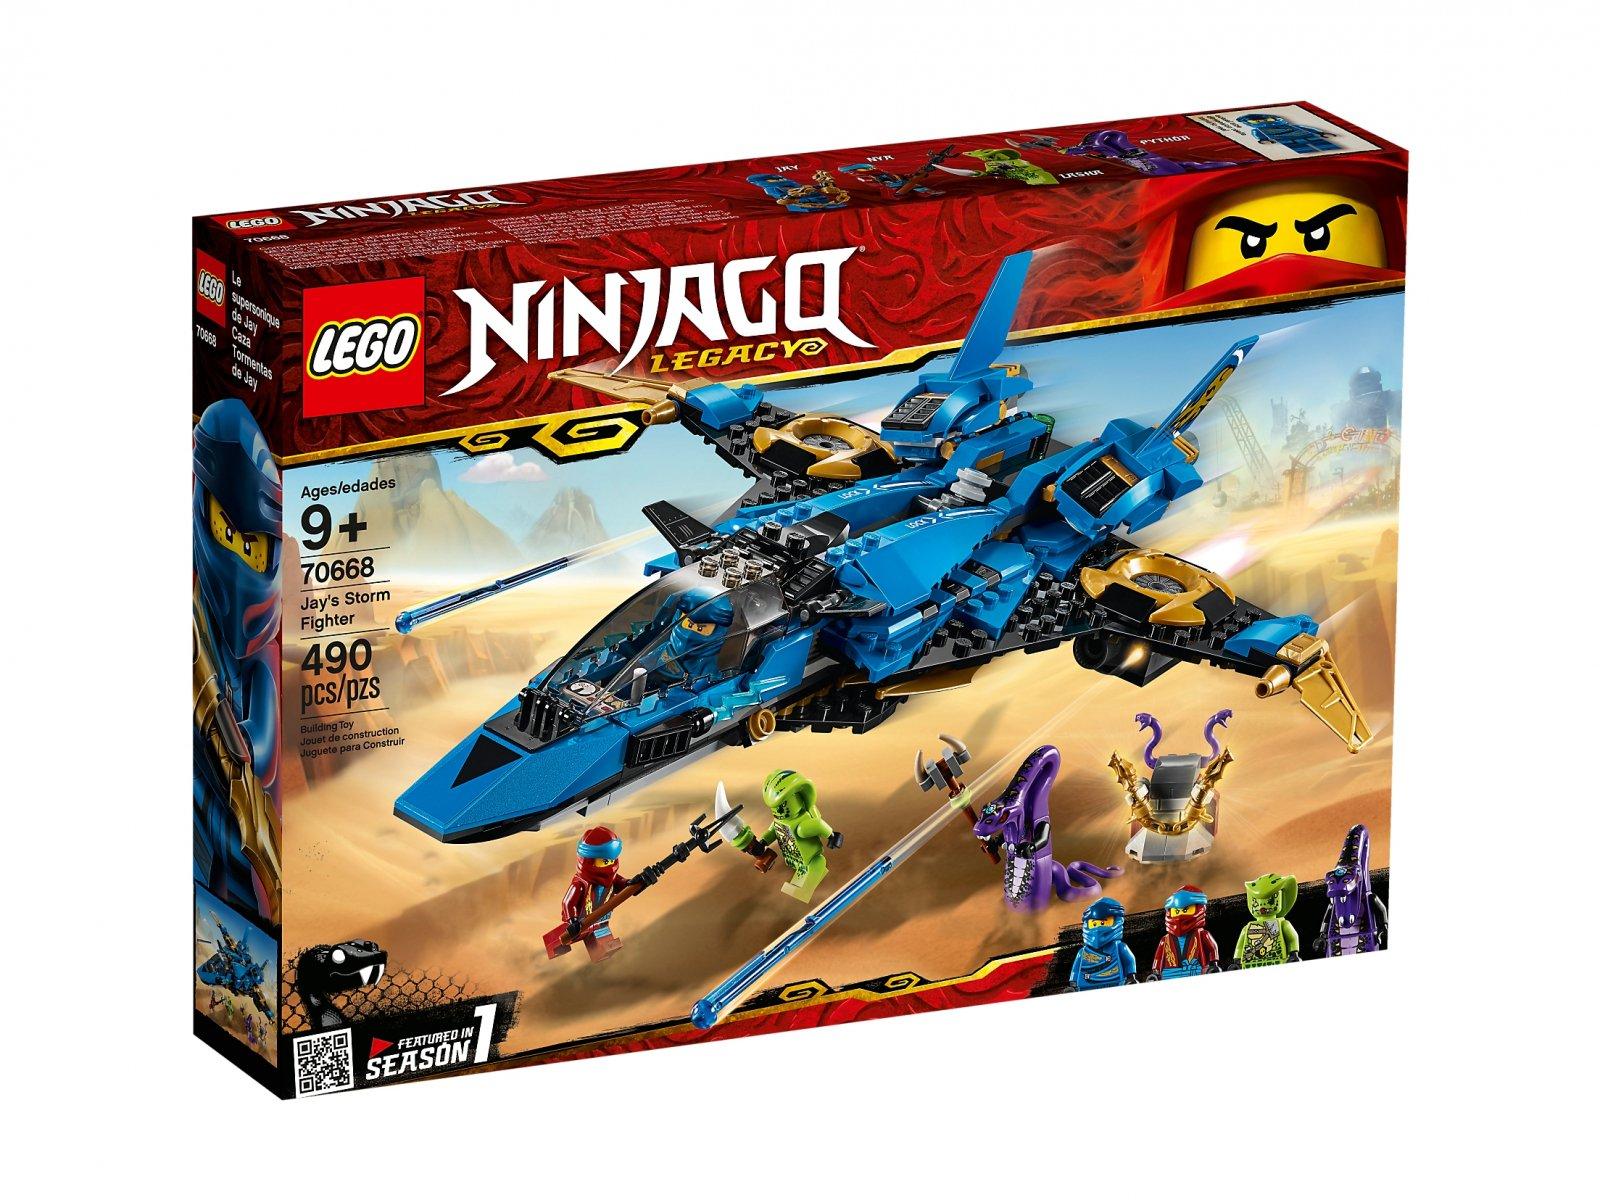 Lego 70668 Ninjago Burzowy Myśliwiec Jaya Zklockówpl